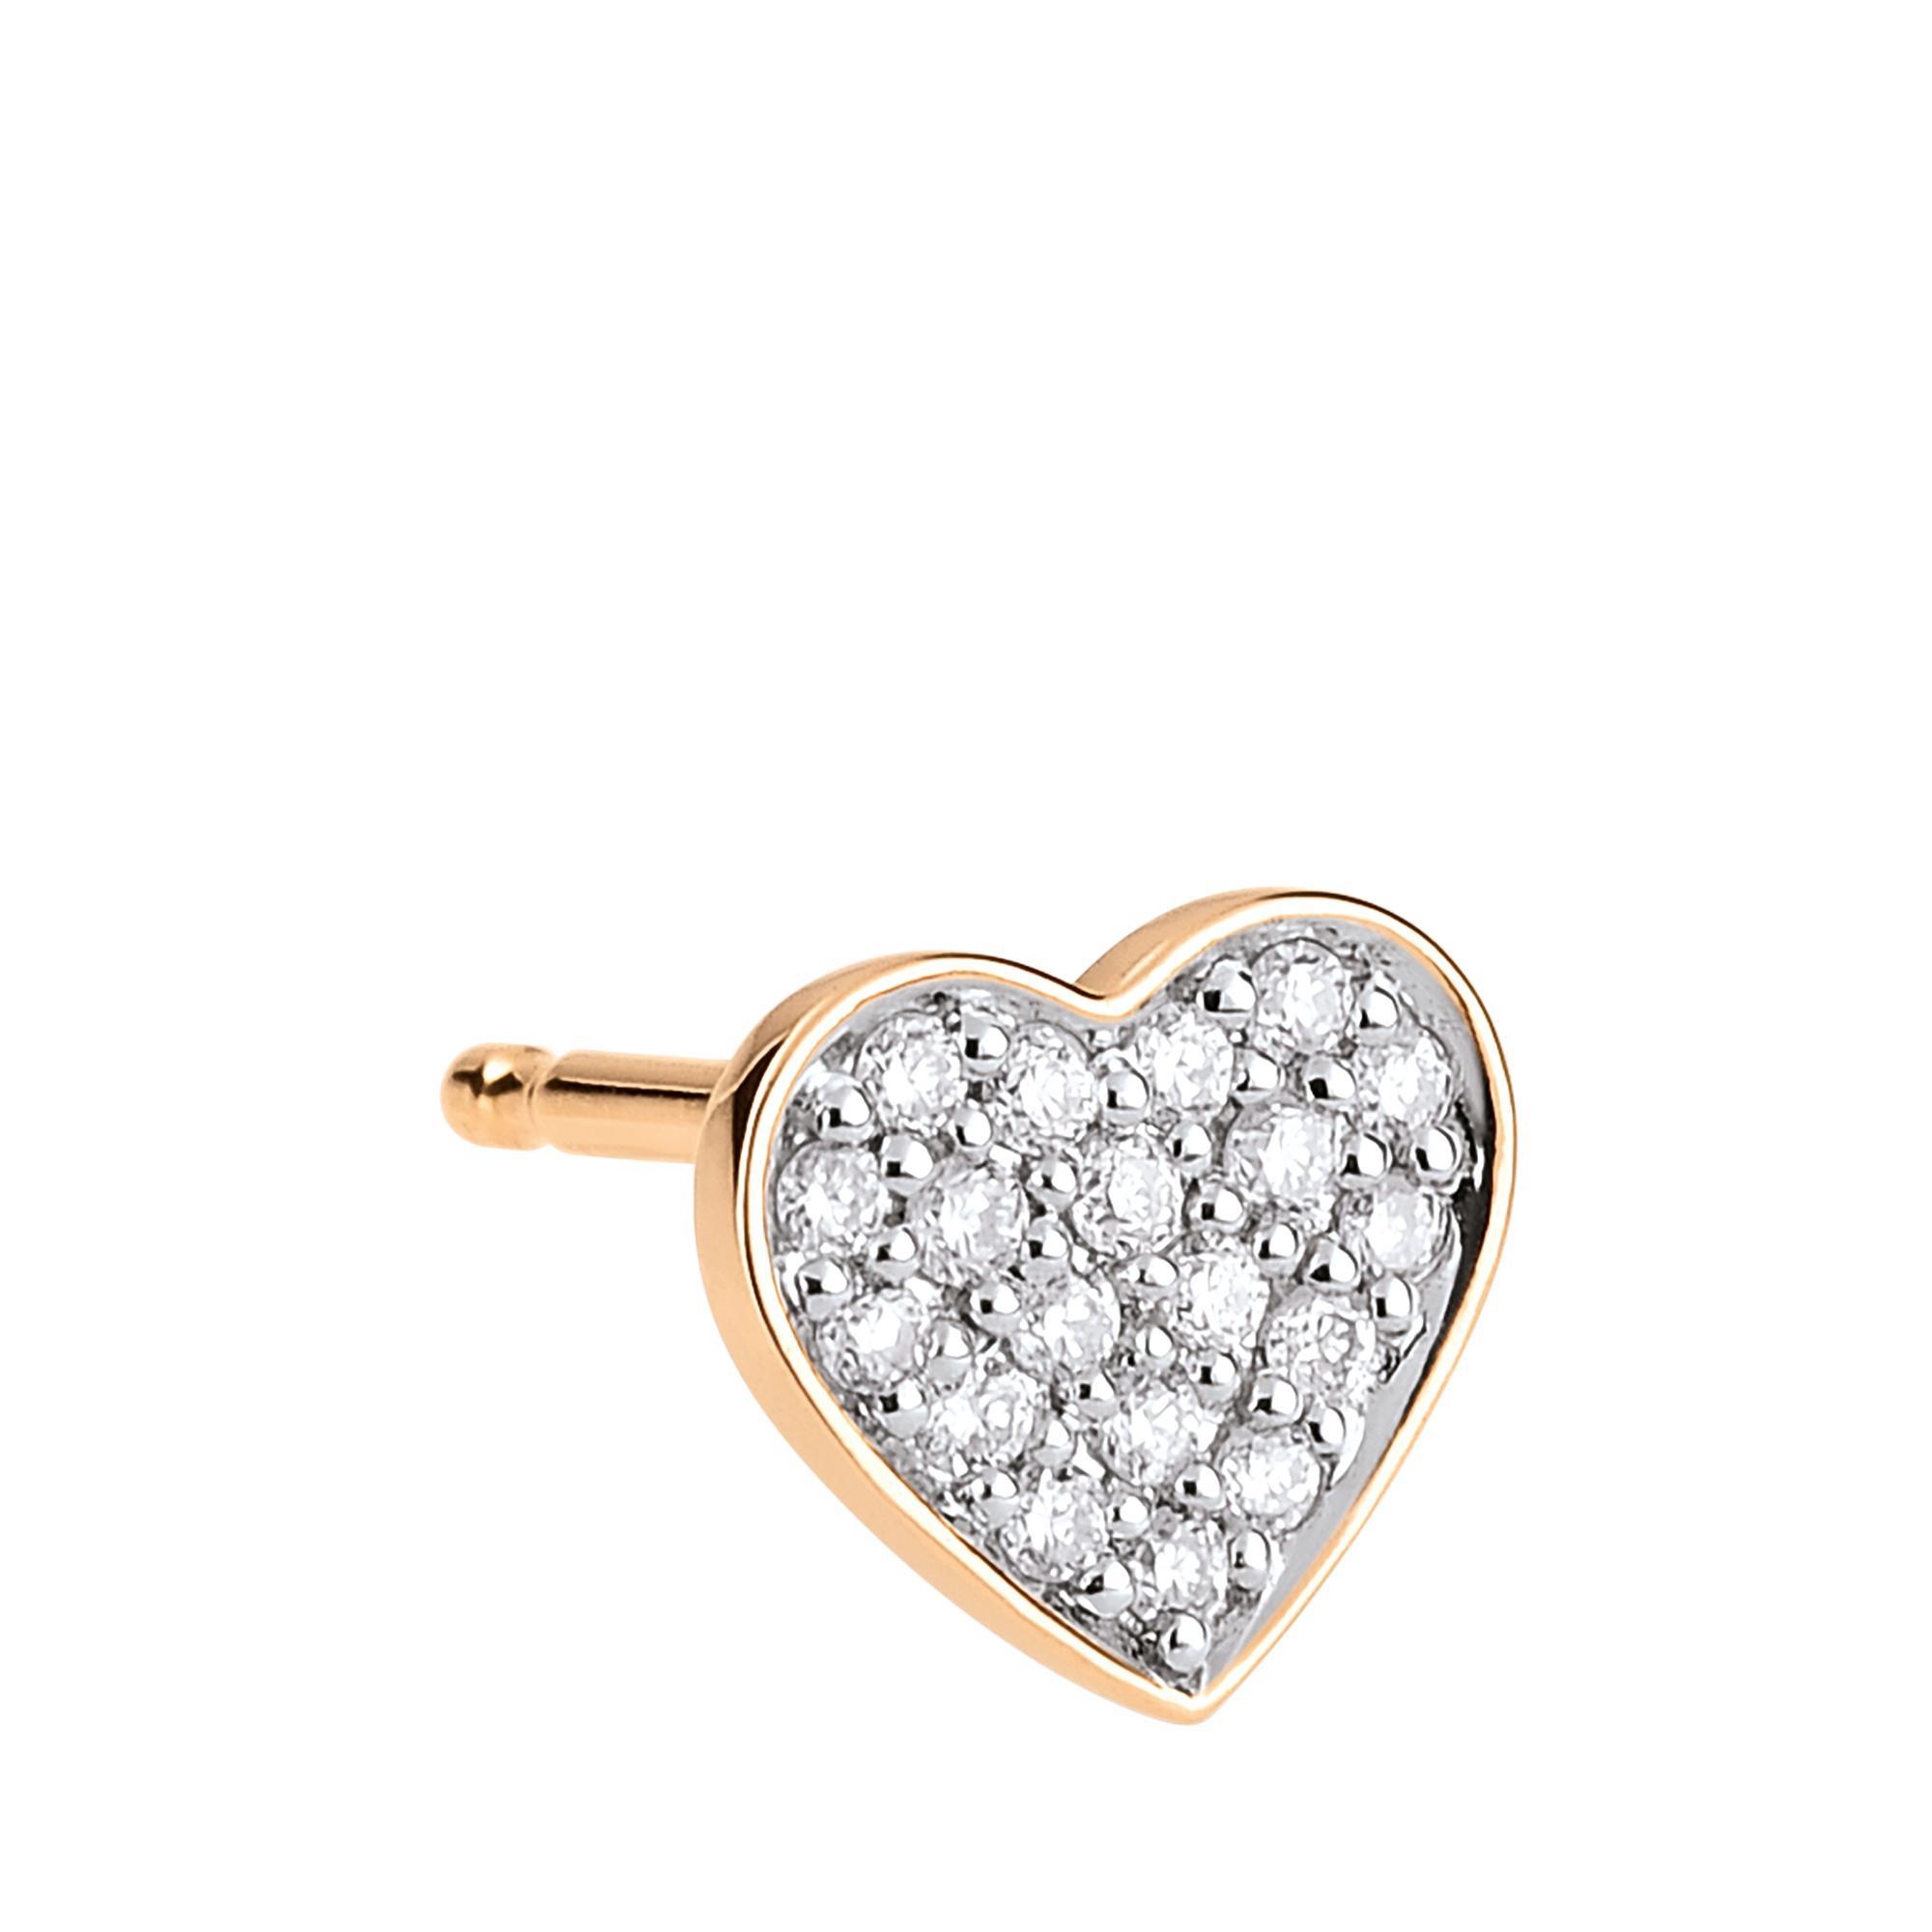 Dormeuses De Coeur De Petit Diamant Unique En Or Rose 18 Carats D'or Et De Diamants Ginette Ny H7x6G8xPR6